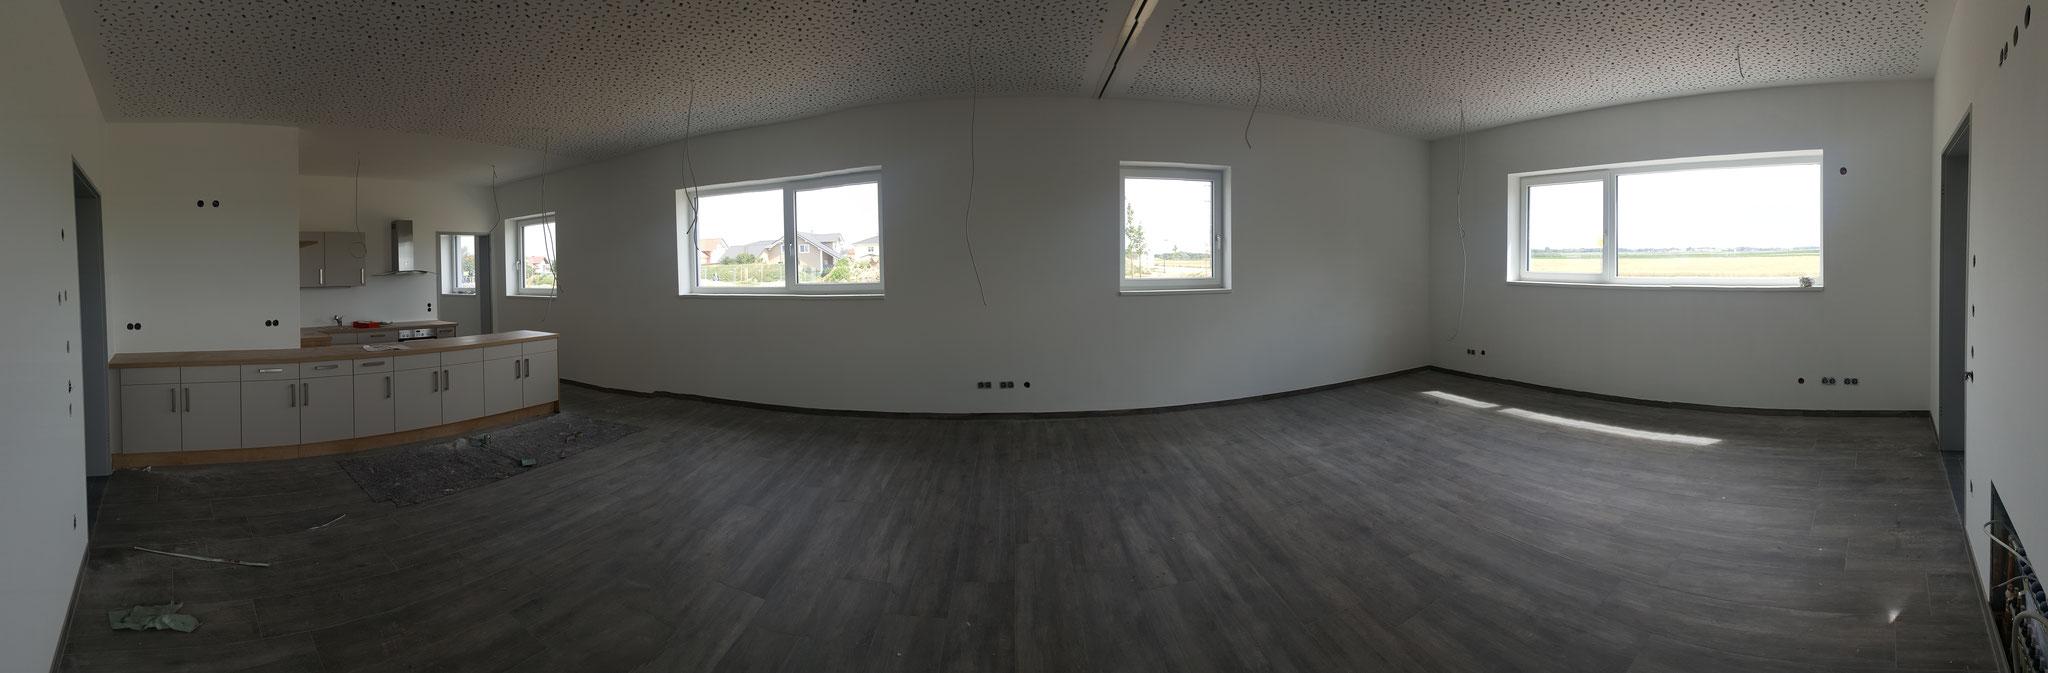 Küche und Abtrennbarer Jugendraum (Panoramabild)